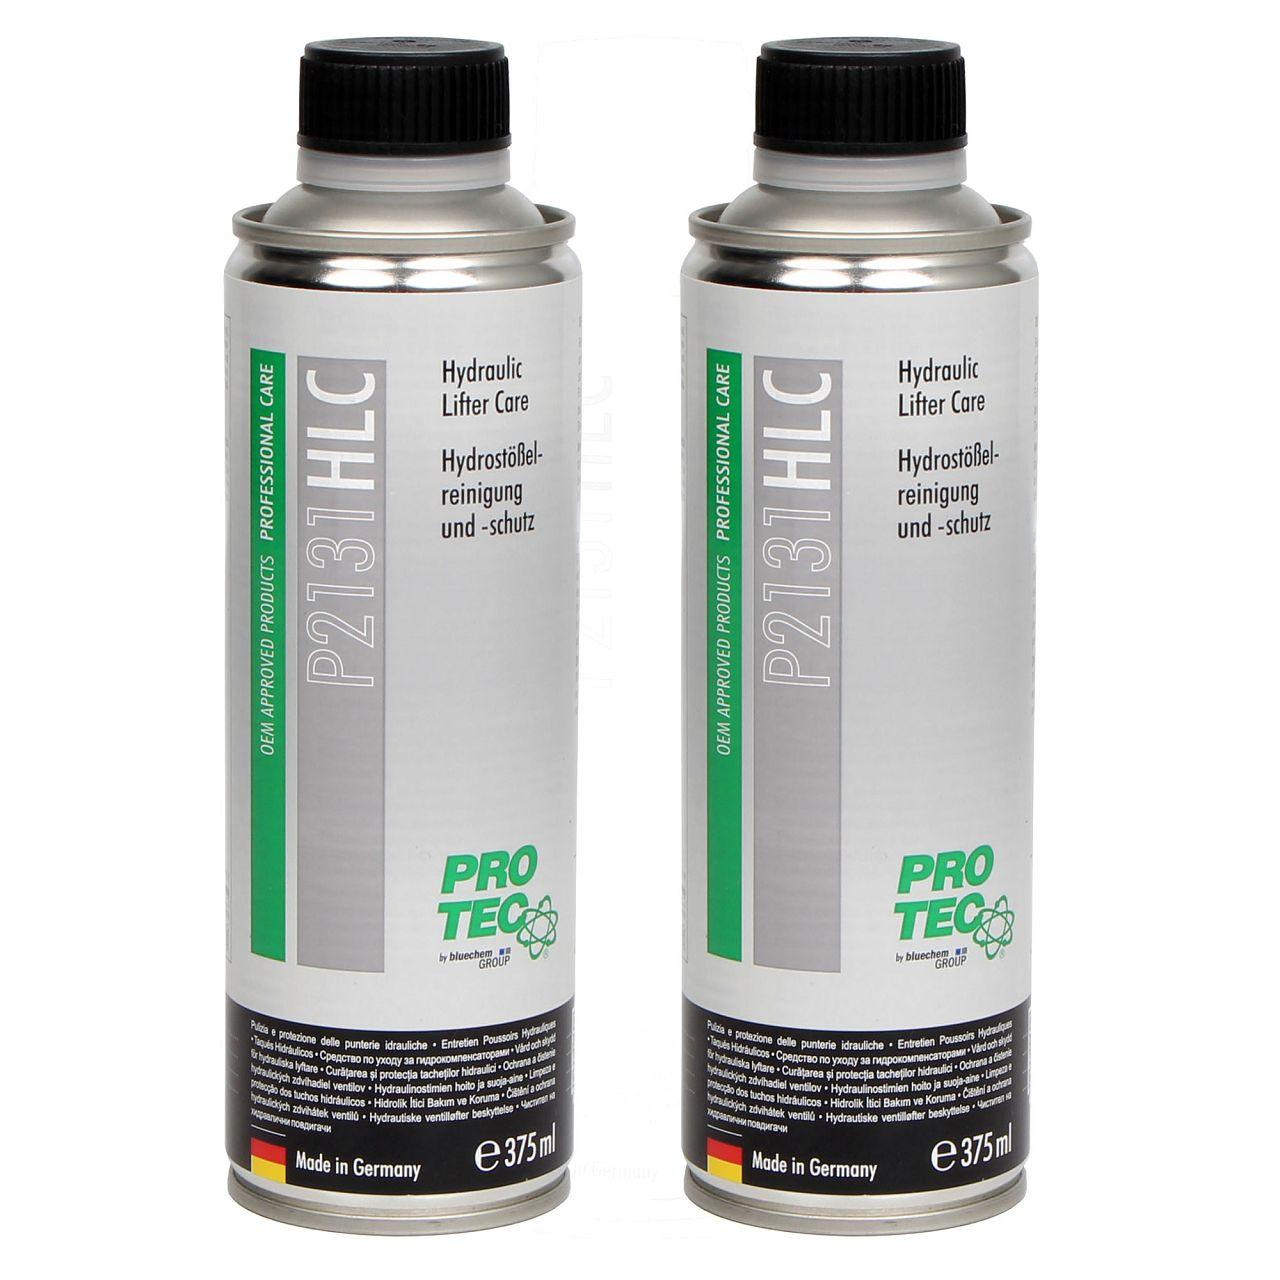 PROTEC HLC Hydraulic Lifter Care Hydrostößelreinigung und -schutz 750ml